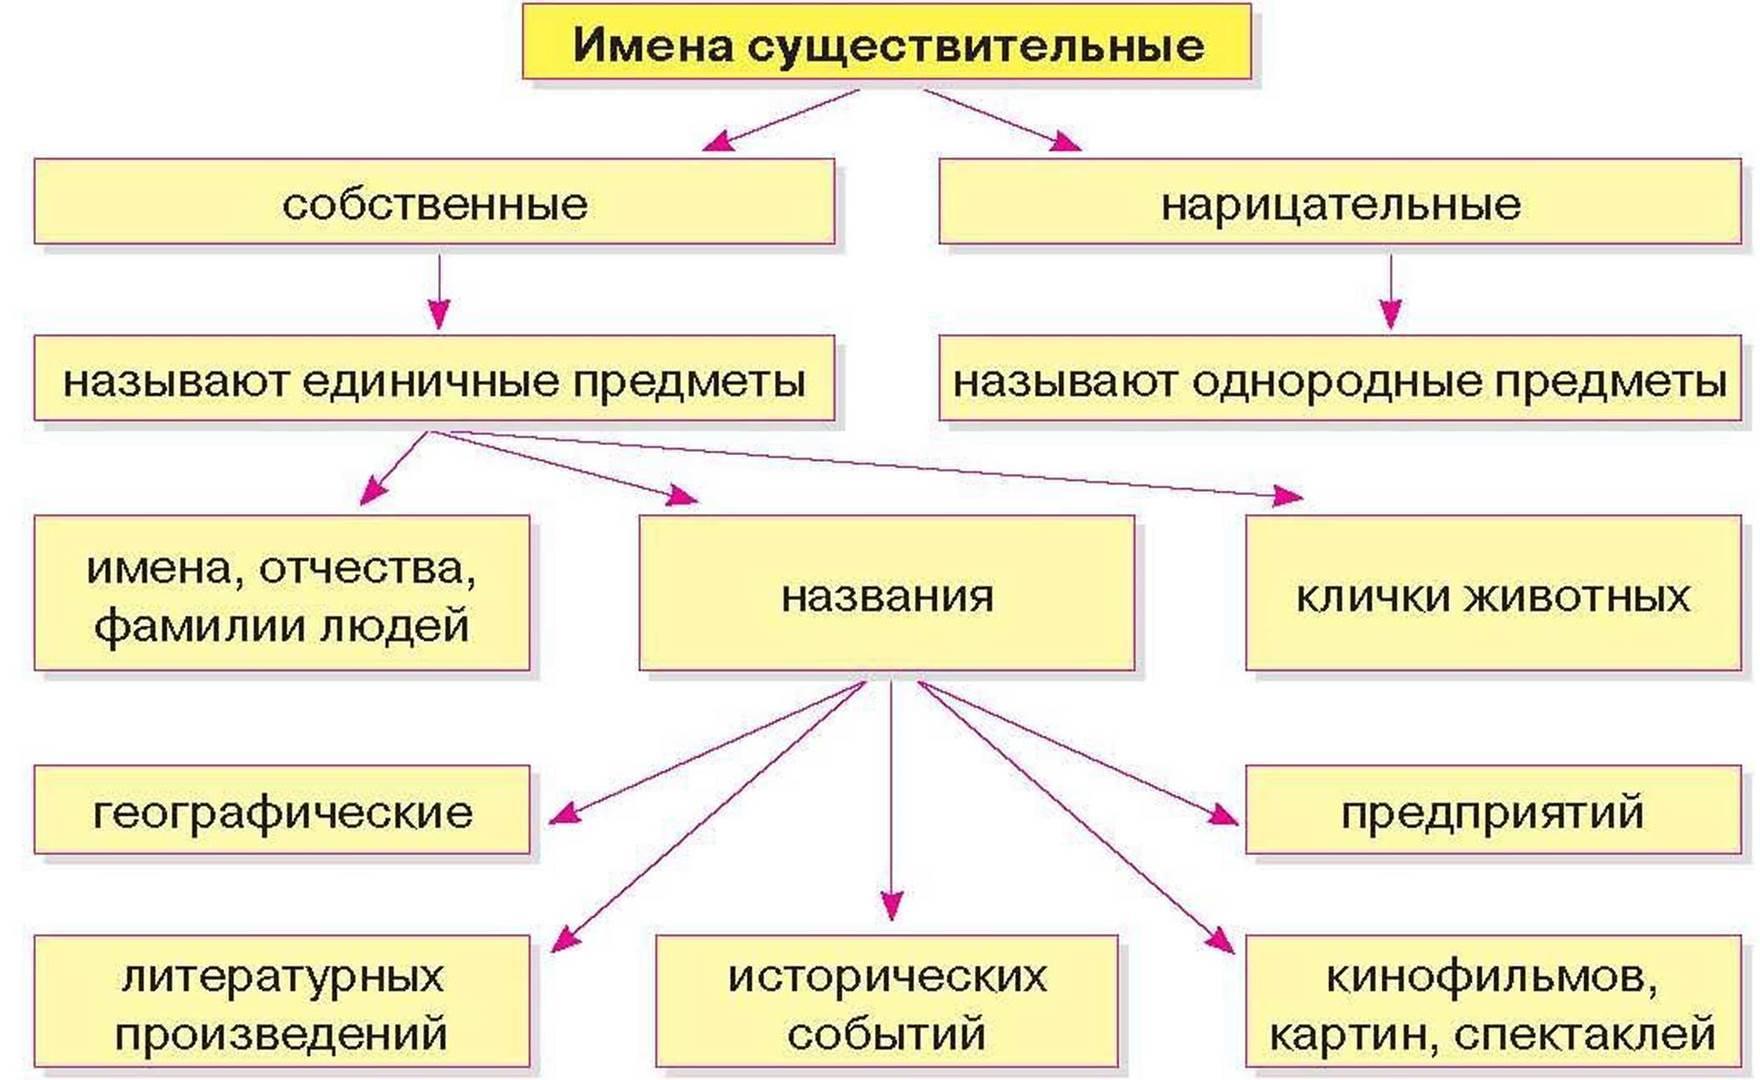 Собственные и нарицательные имена существительные: различия, правила написания и примеры, имя собственное, нарицательное правило с примерами.